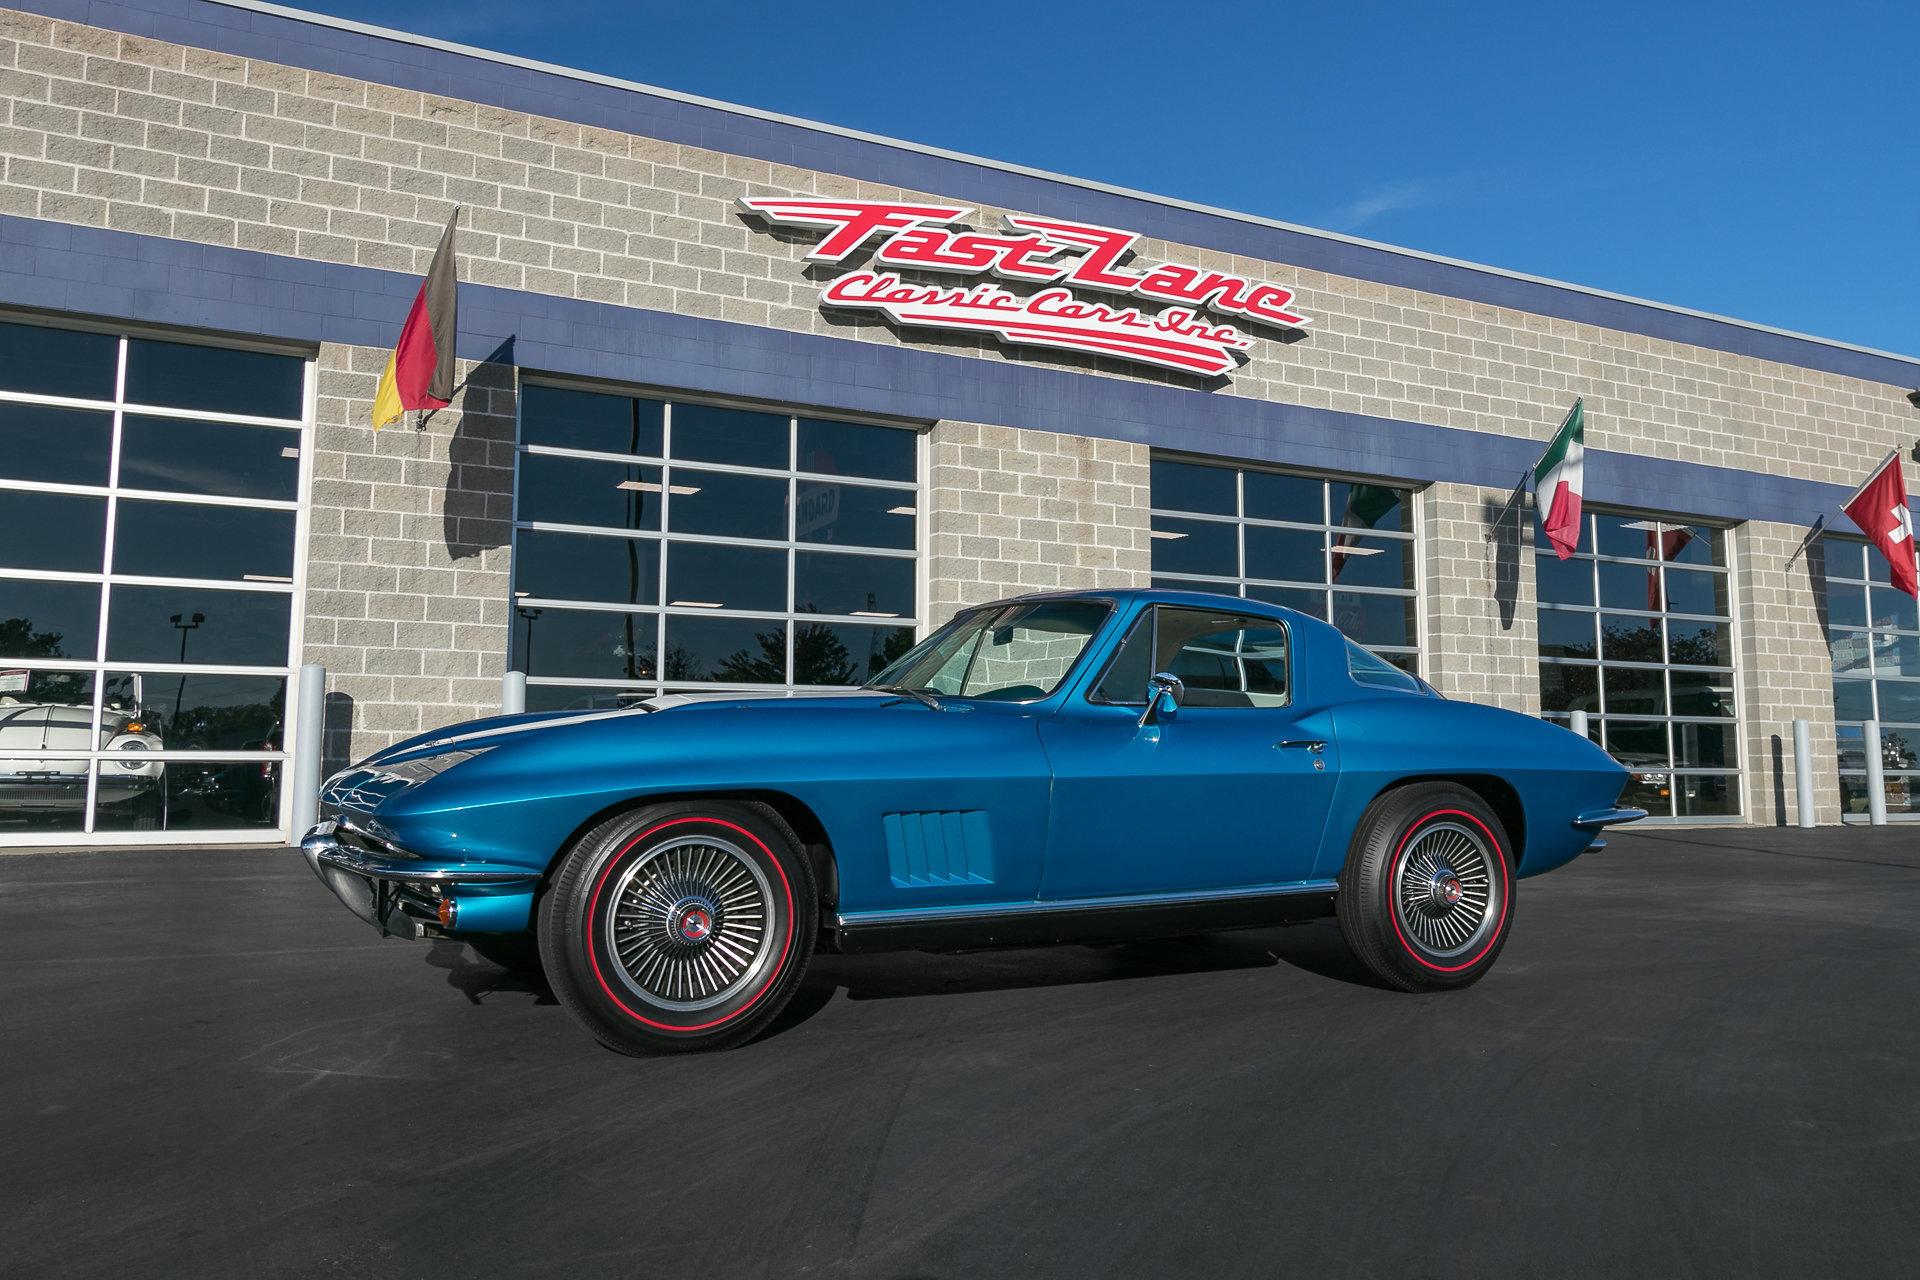 69762edc0e68f hd 1967 chevrolet corvette